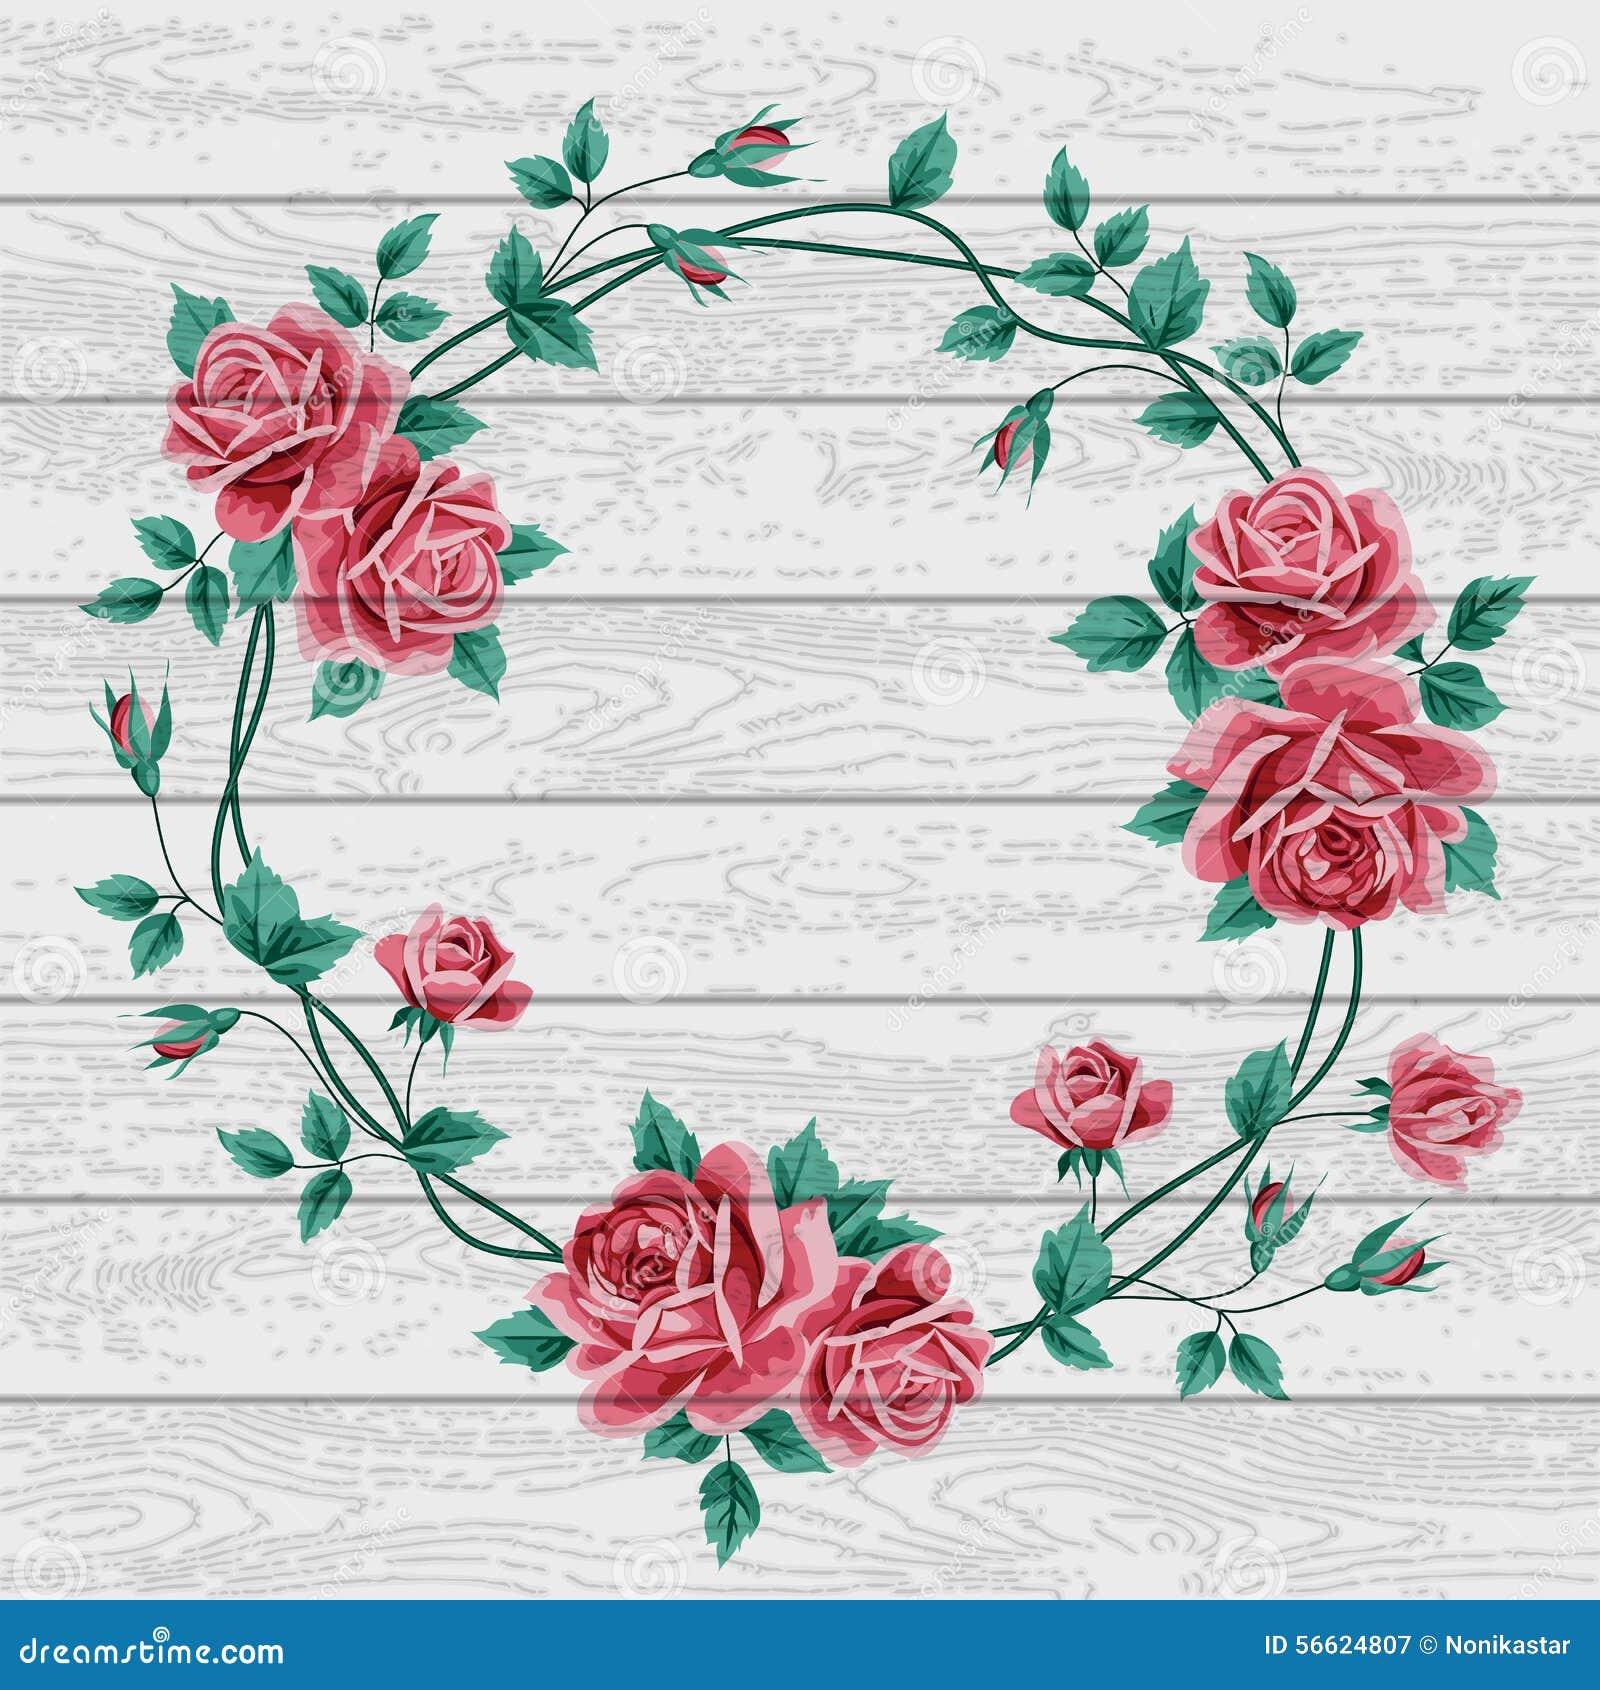 kranz von rosen auf holz vektor abbildung bild von liebe 56624807. Black Bedroom Furniture Sets. Home Design Ideas